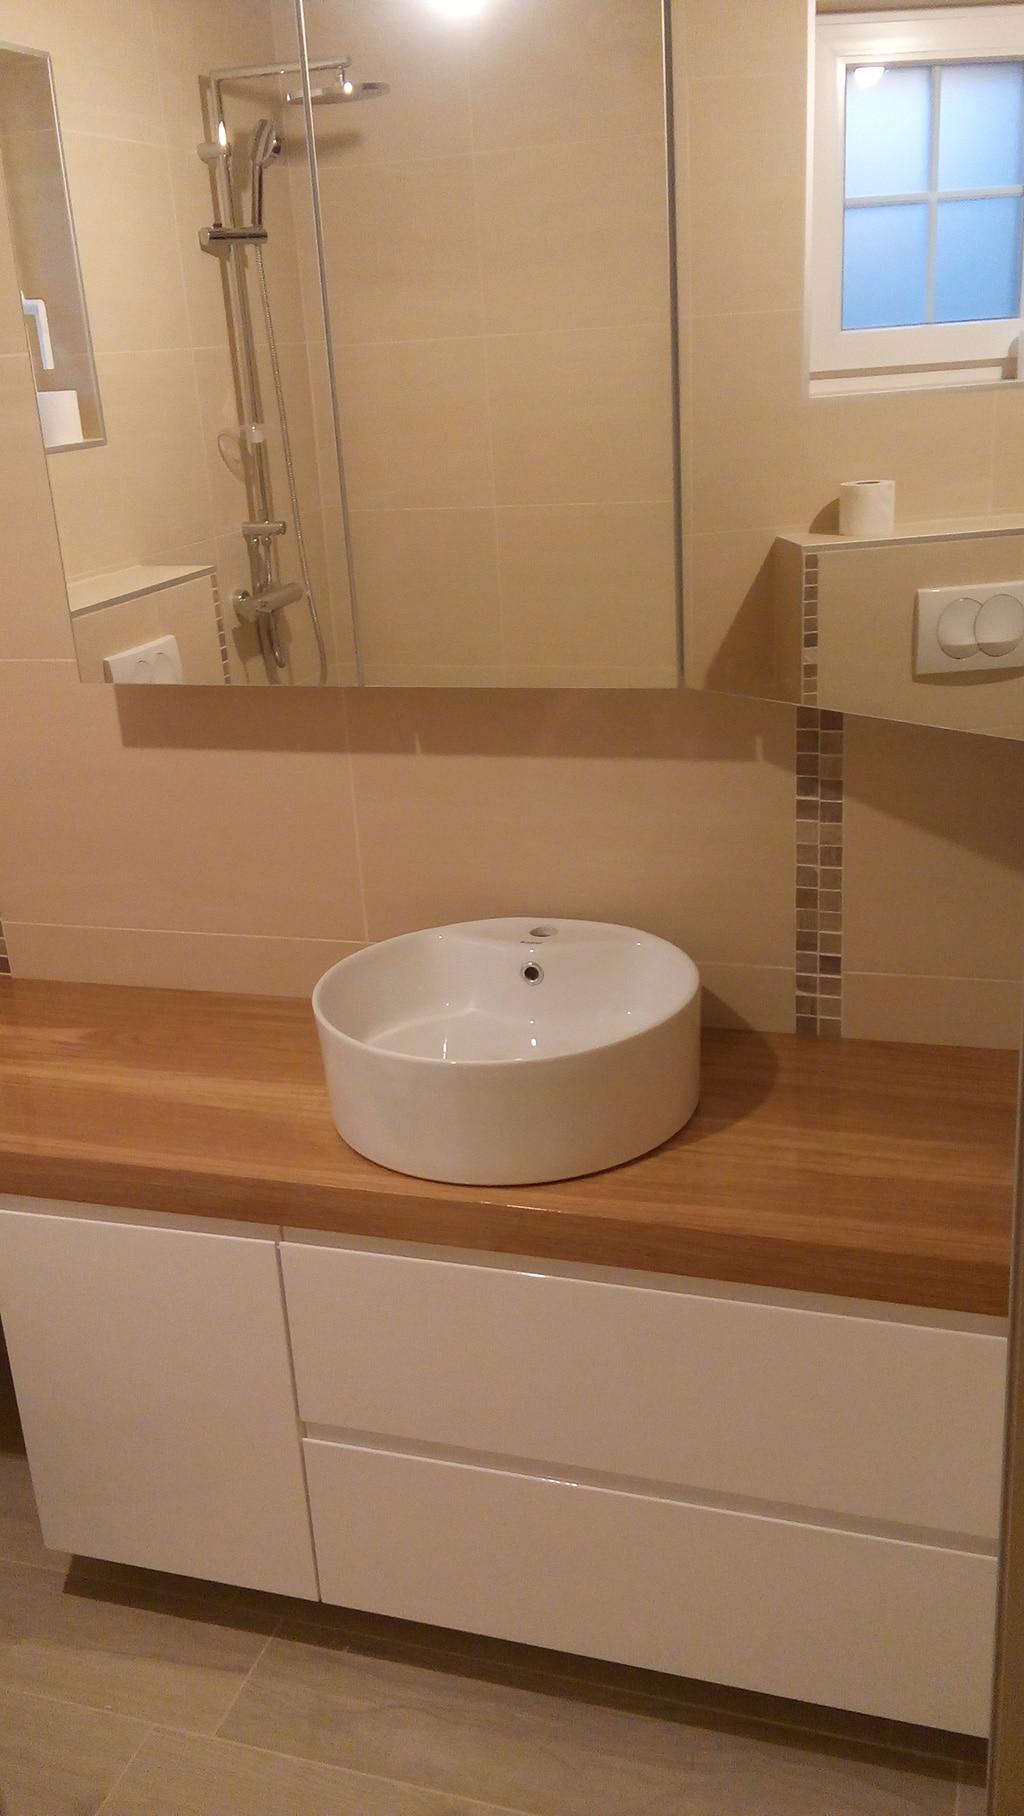 kupatilo namestaj